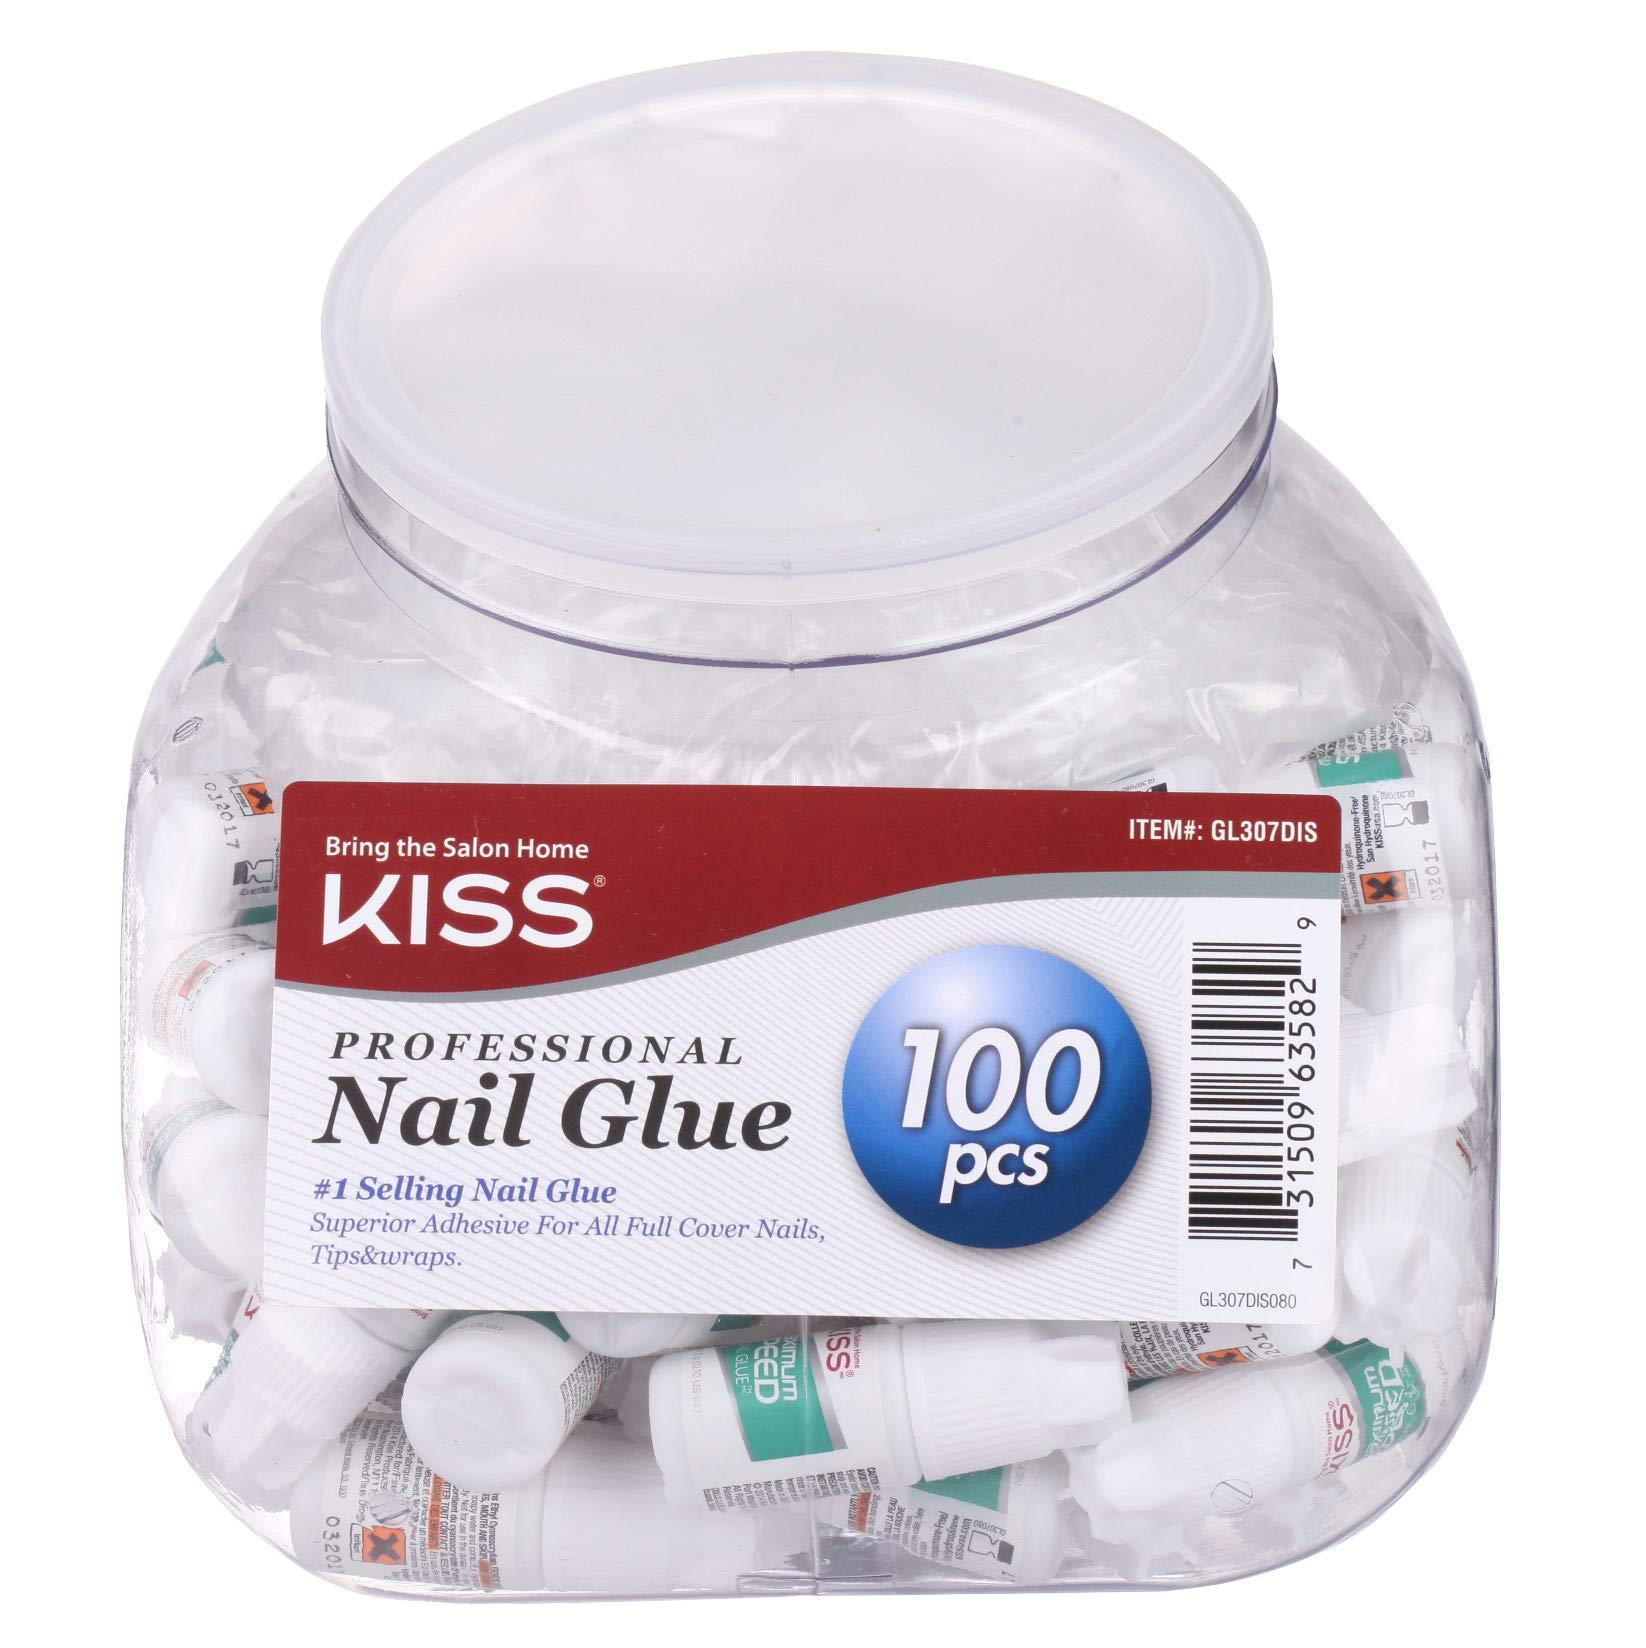 KISS Maximum Speed Nail Glue Set 3g (0.10 oz) - 100 pcs by Kiss